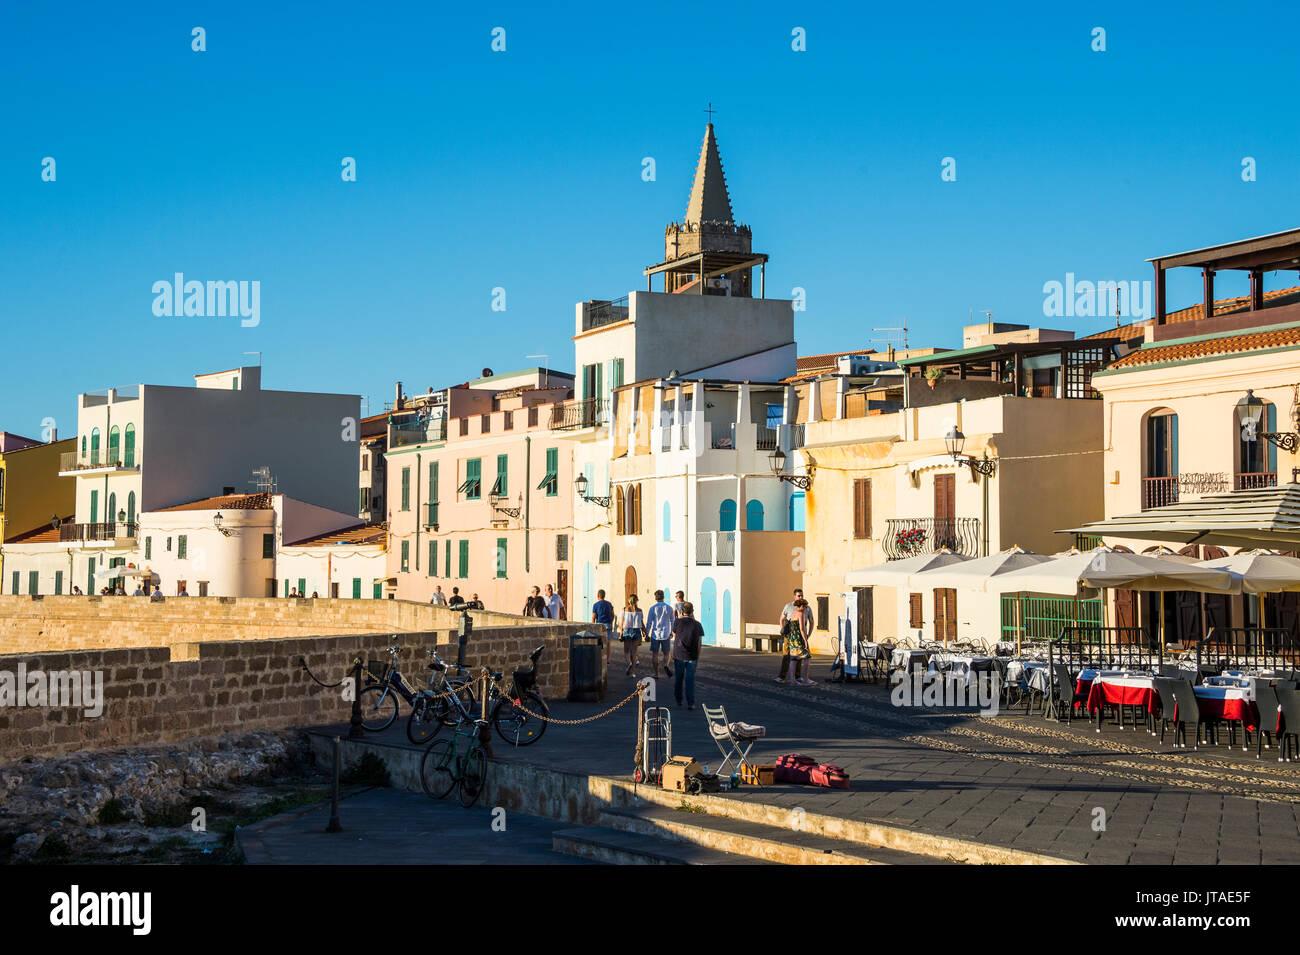 Promenade de l'océan dans la ville côtière de Alghero, Sardaigne, Italie, Méditerranée, Europe Banque D'Images